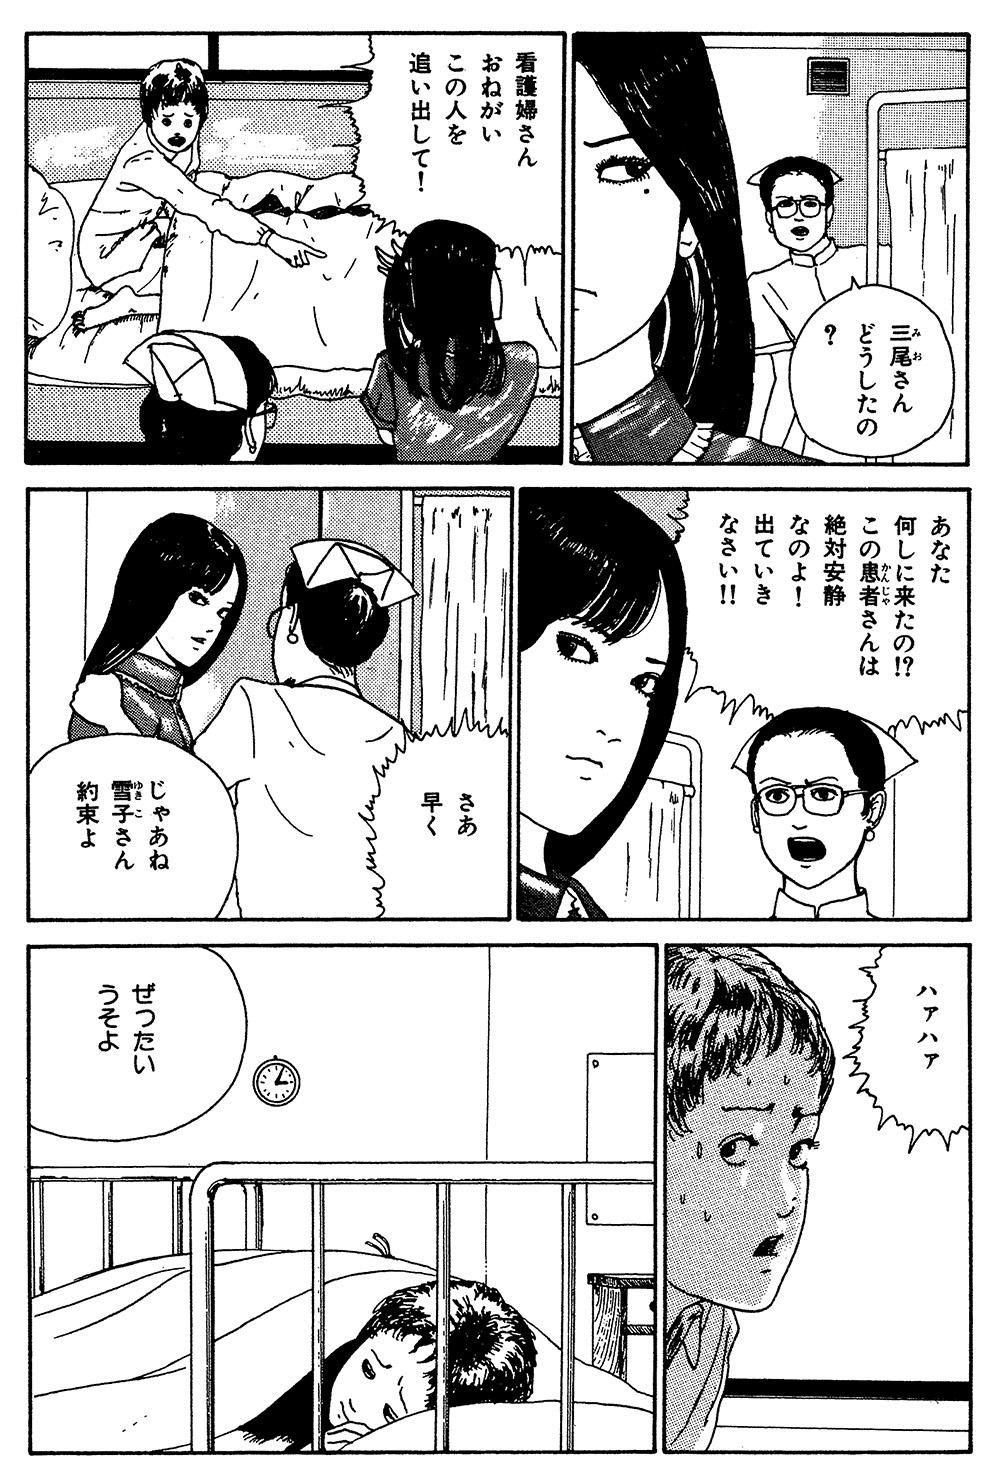 伊藤潤二傑作集 第2話「富江 森田病院編」①itouj_0001_0045.jpg